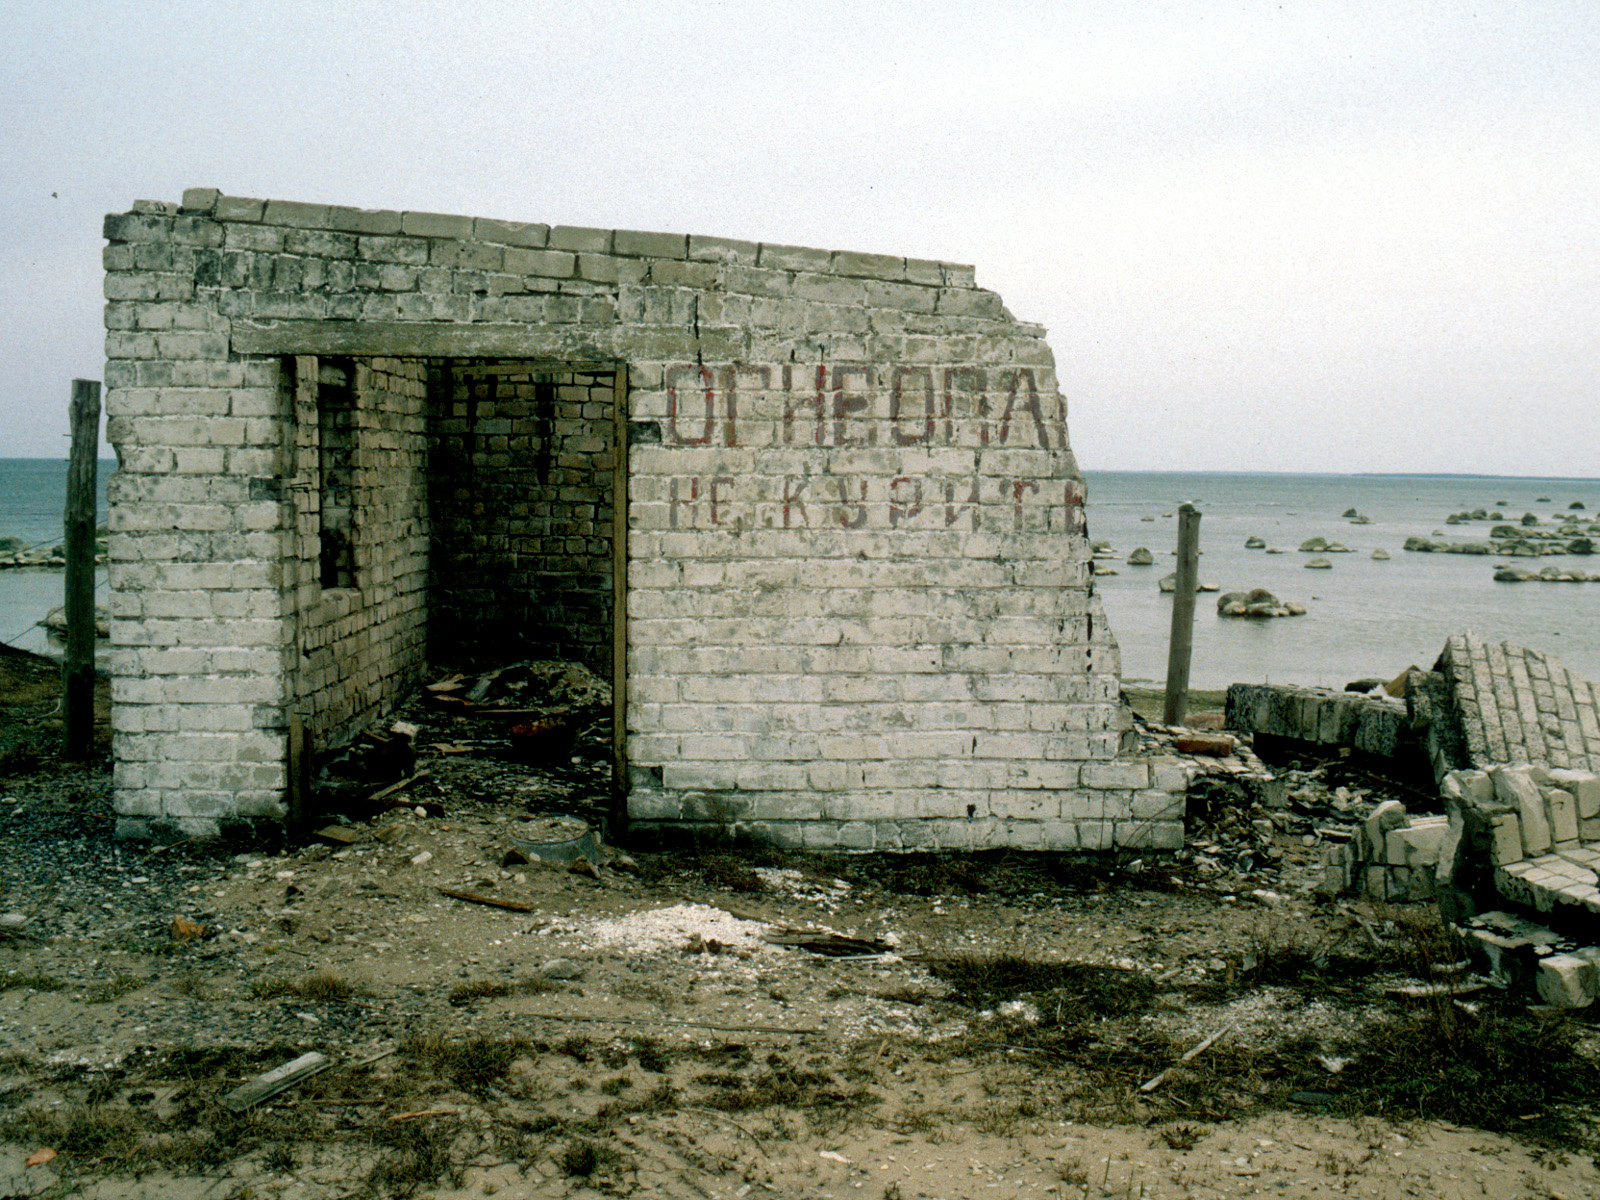 Spithamn är en utpost i nordvästra Estland, med Hangö som närmaste granne på andra sidan Finska viken. Vi fick tillgång att se den forna sovjetiska gränsposteringen i april 1993.